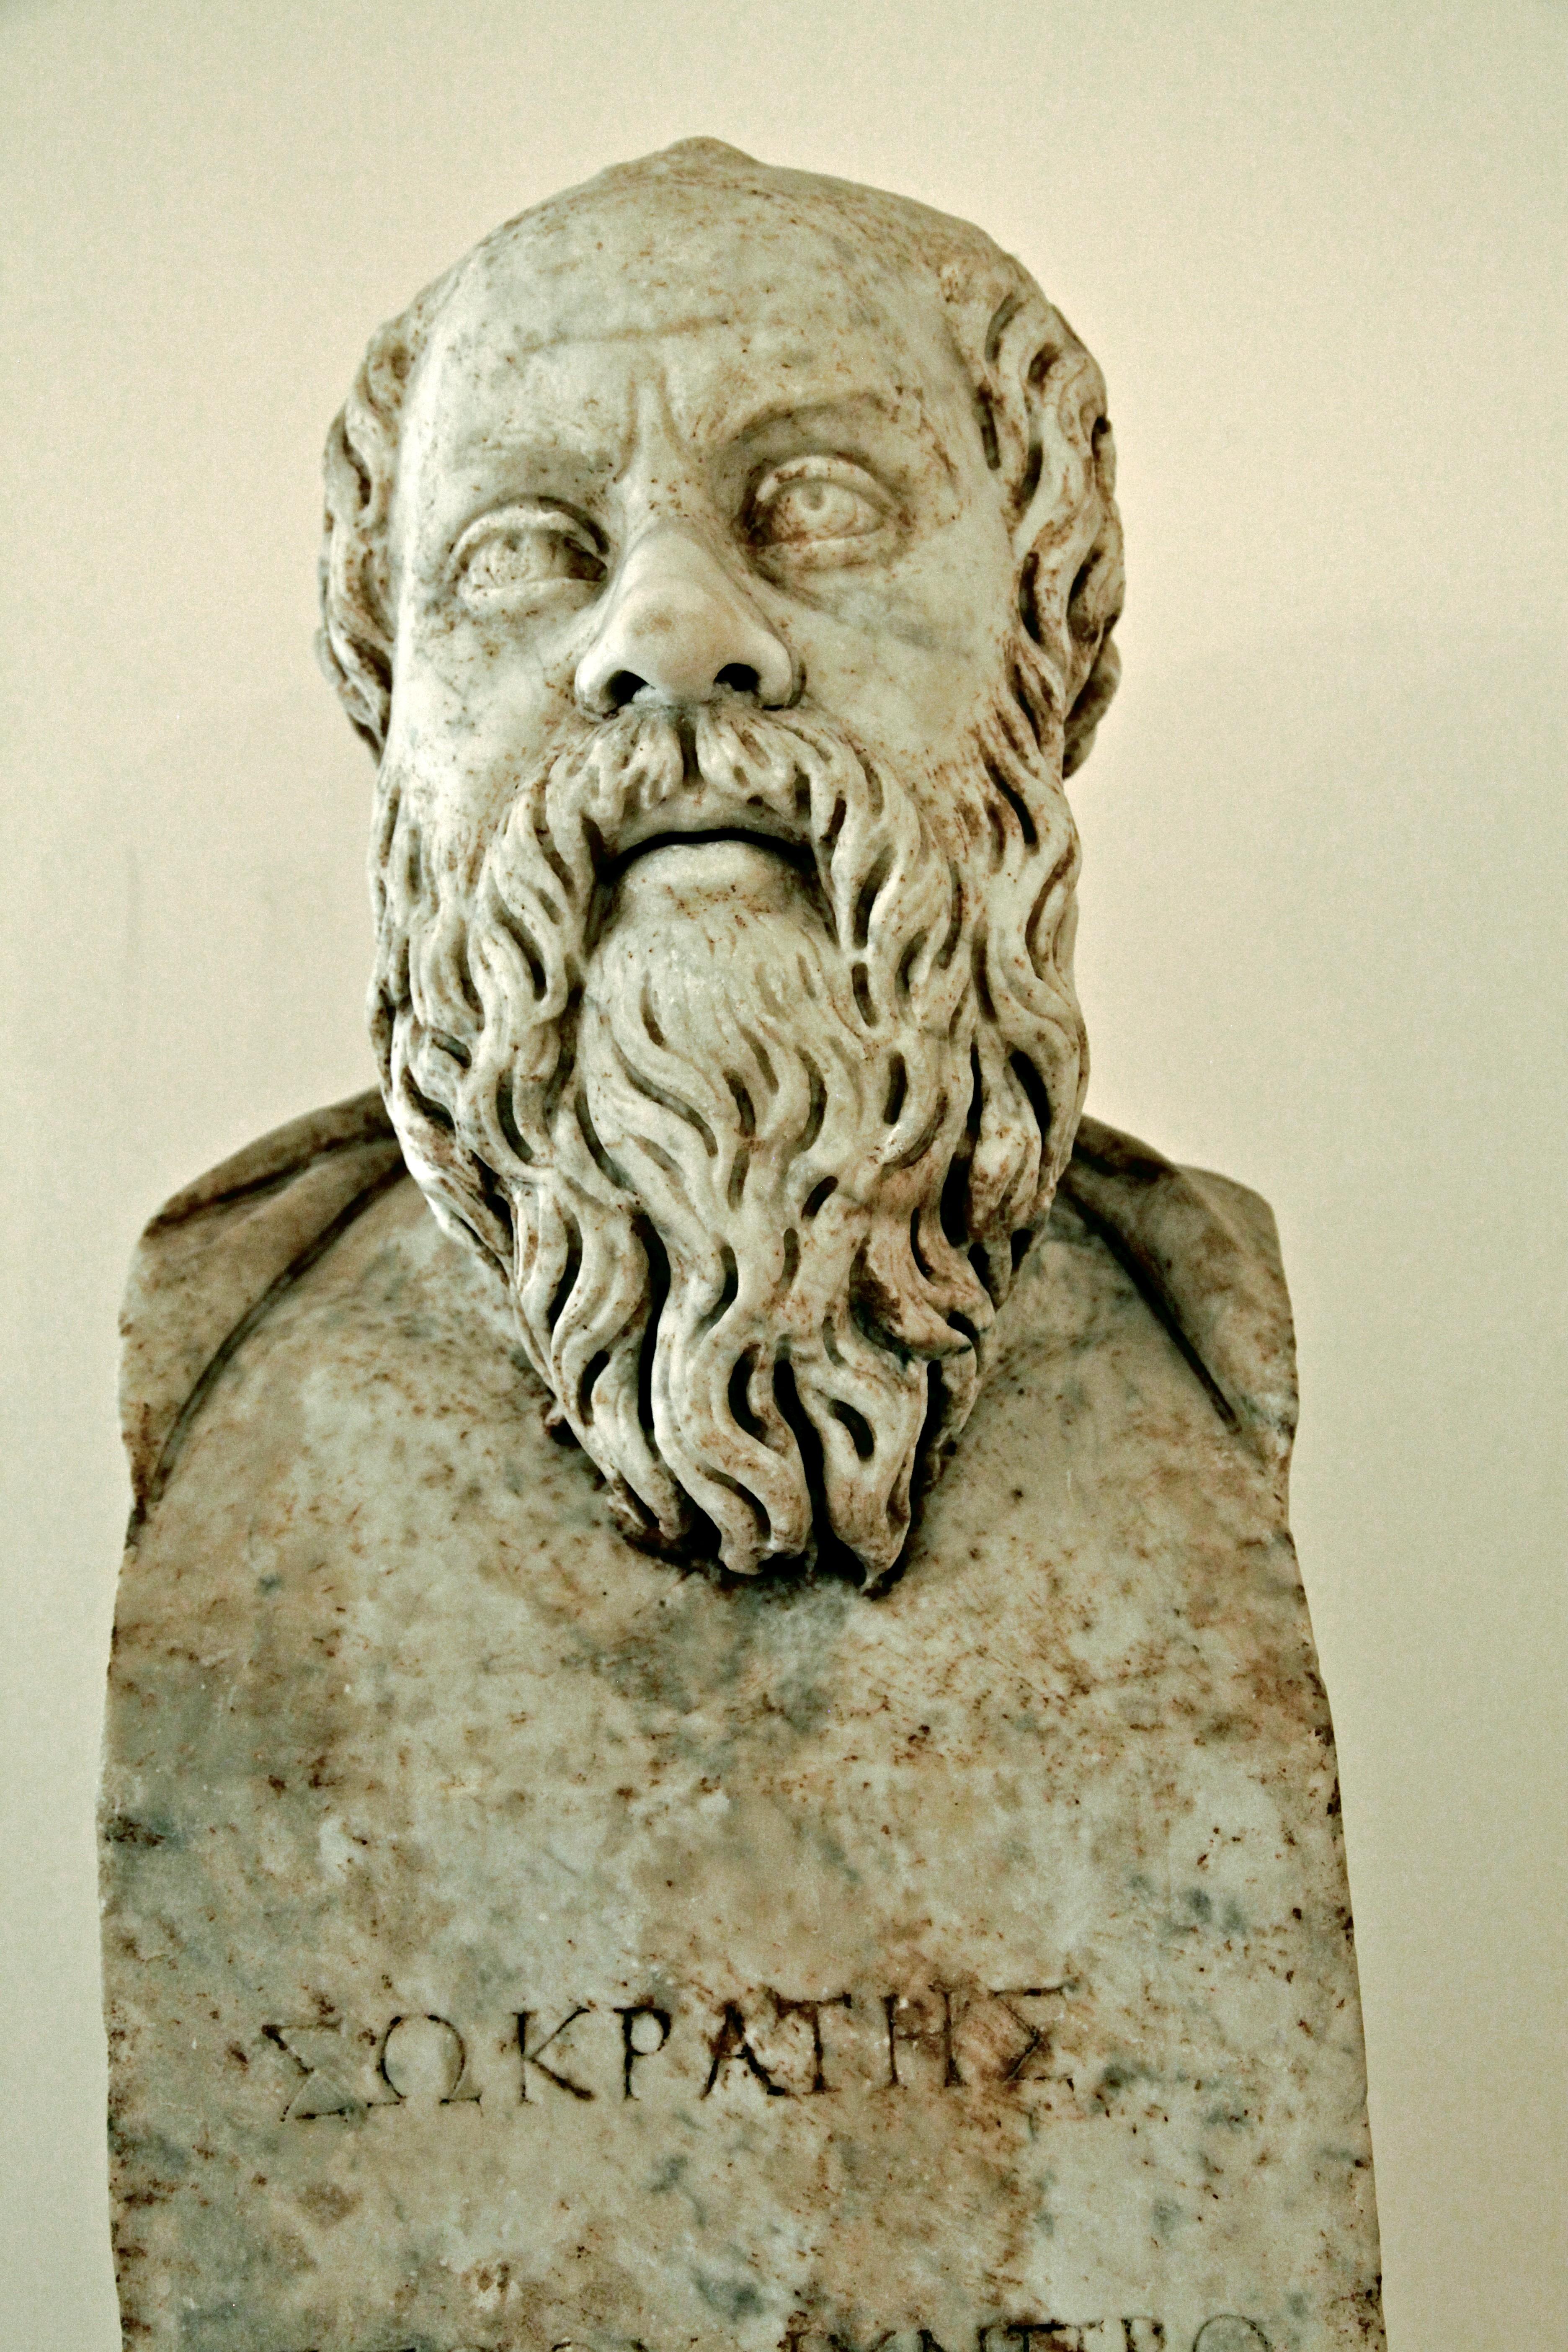 antigone vs socrates crito Antigone, plato's apology, crito, aristotle's politics books i & iii learn with flashcards, games, and more — for free.